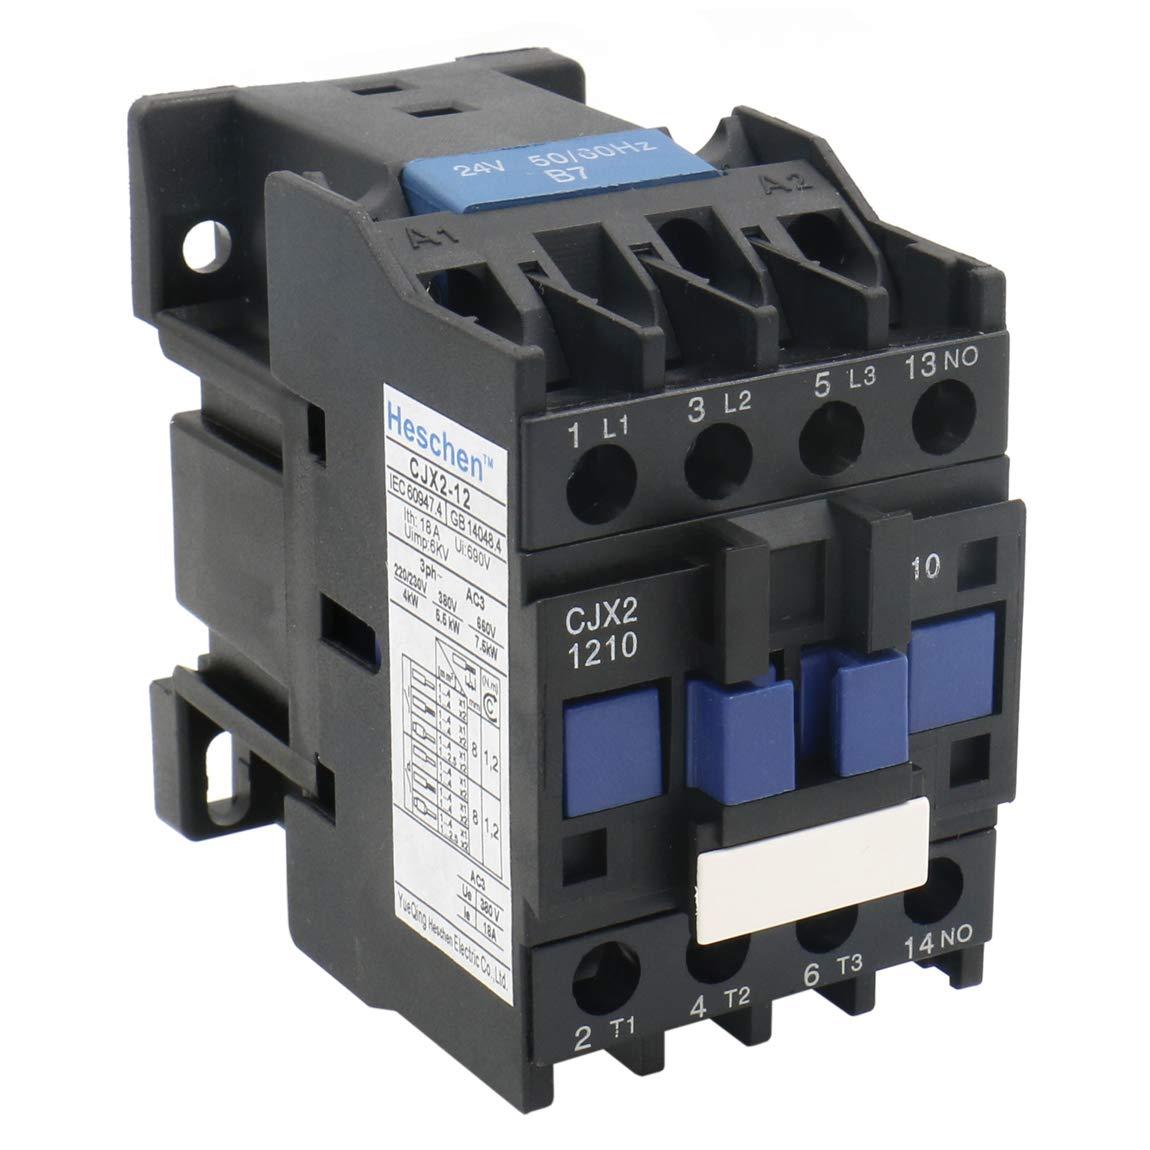 Heschen AC Contactor CJX2-1210 24V 50/60Hz Bobina 3P 3 polos normalmente abierto 660V 25A